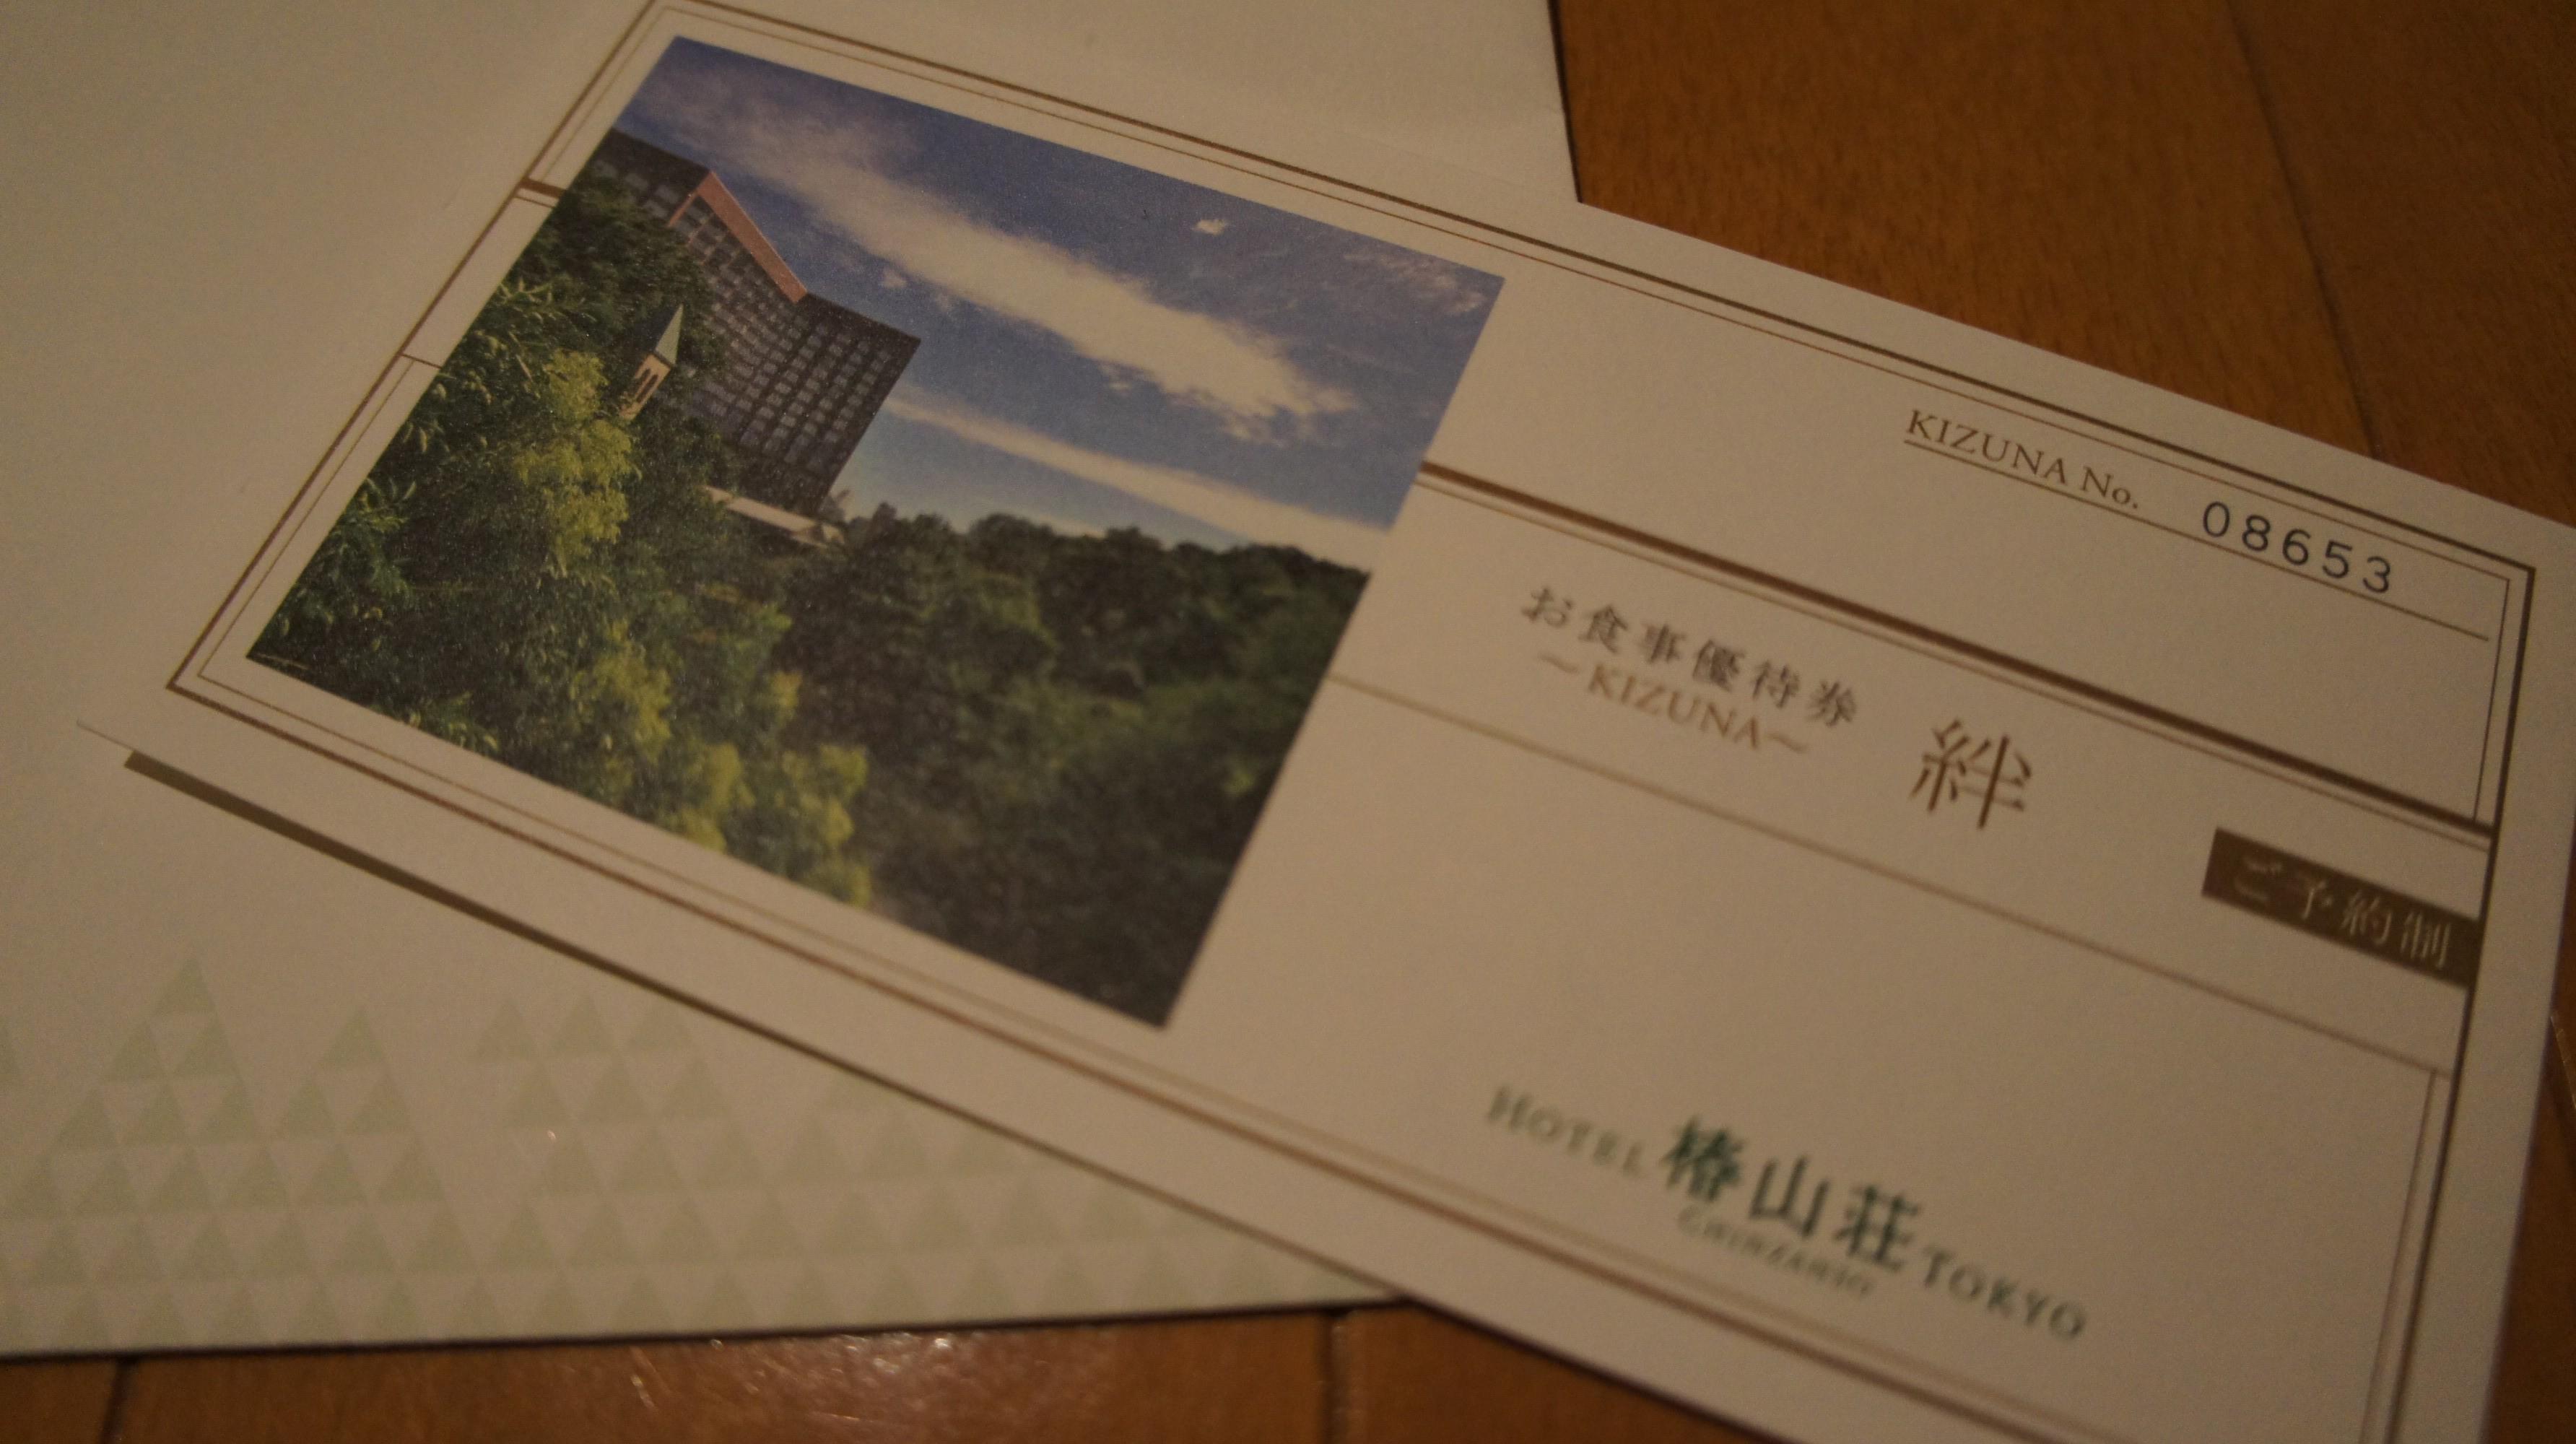 【椿山荘WEDDING】結婚式挙げたら1万円分のお食事券もらえたよ♪